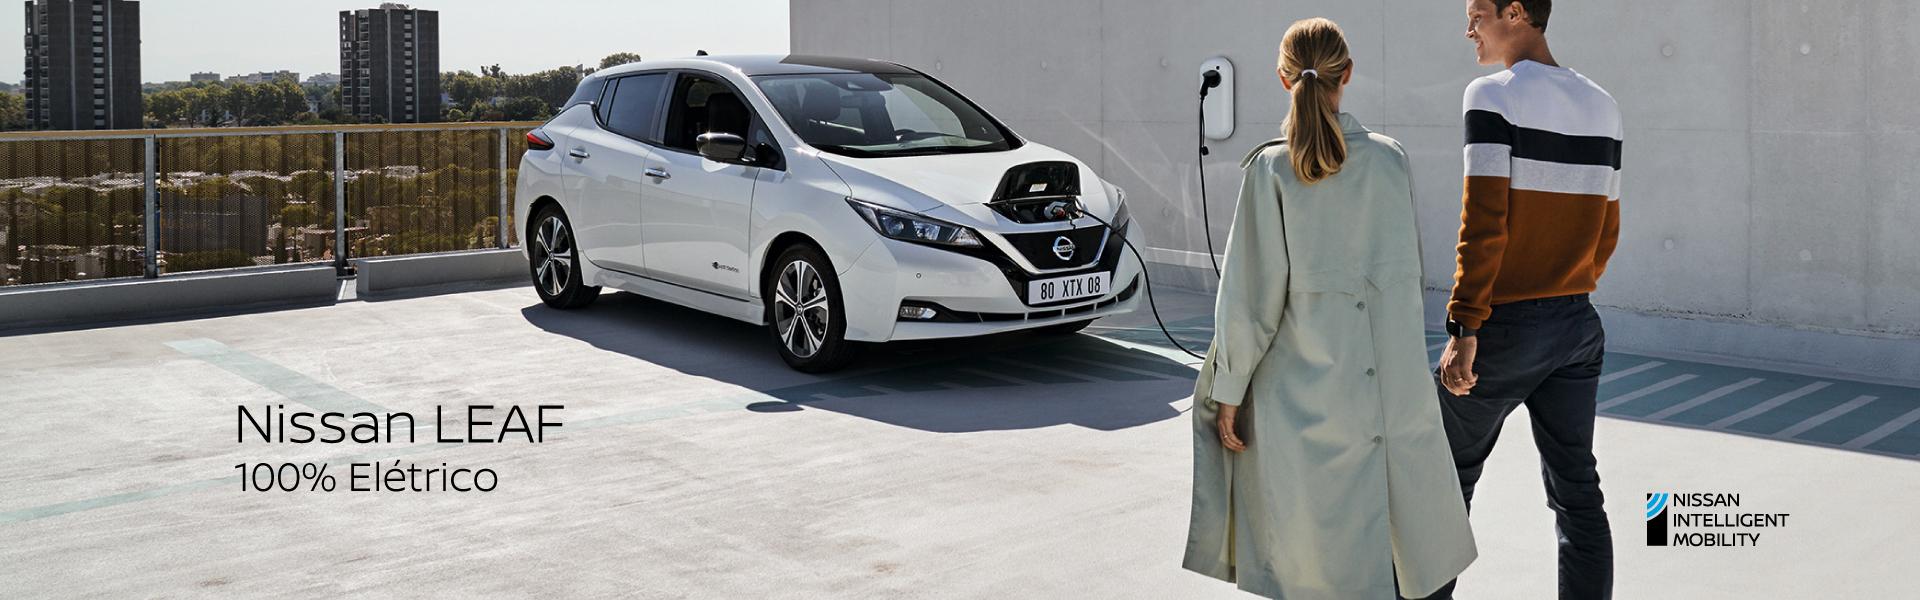 Campanhas do Nissan Leaf